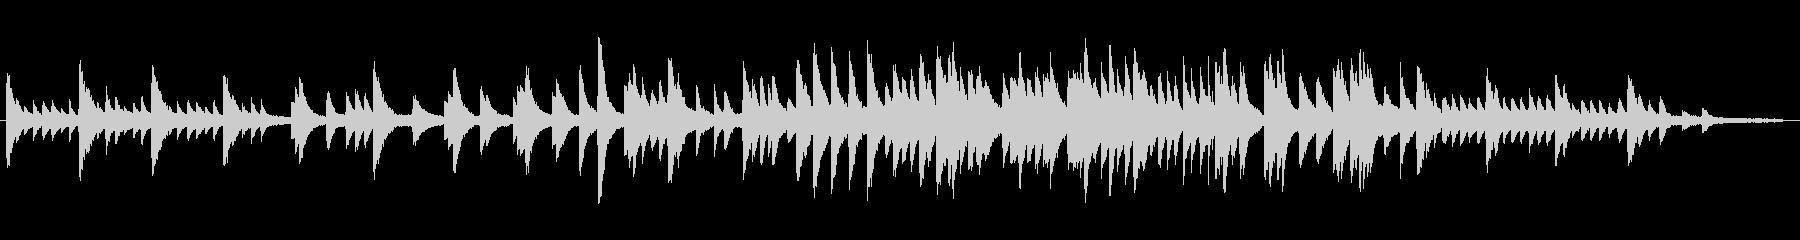 切ないメロディのピアノソロ曲の未再生の波形